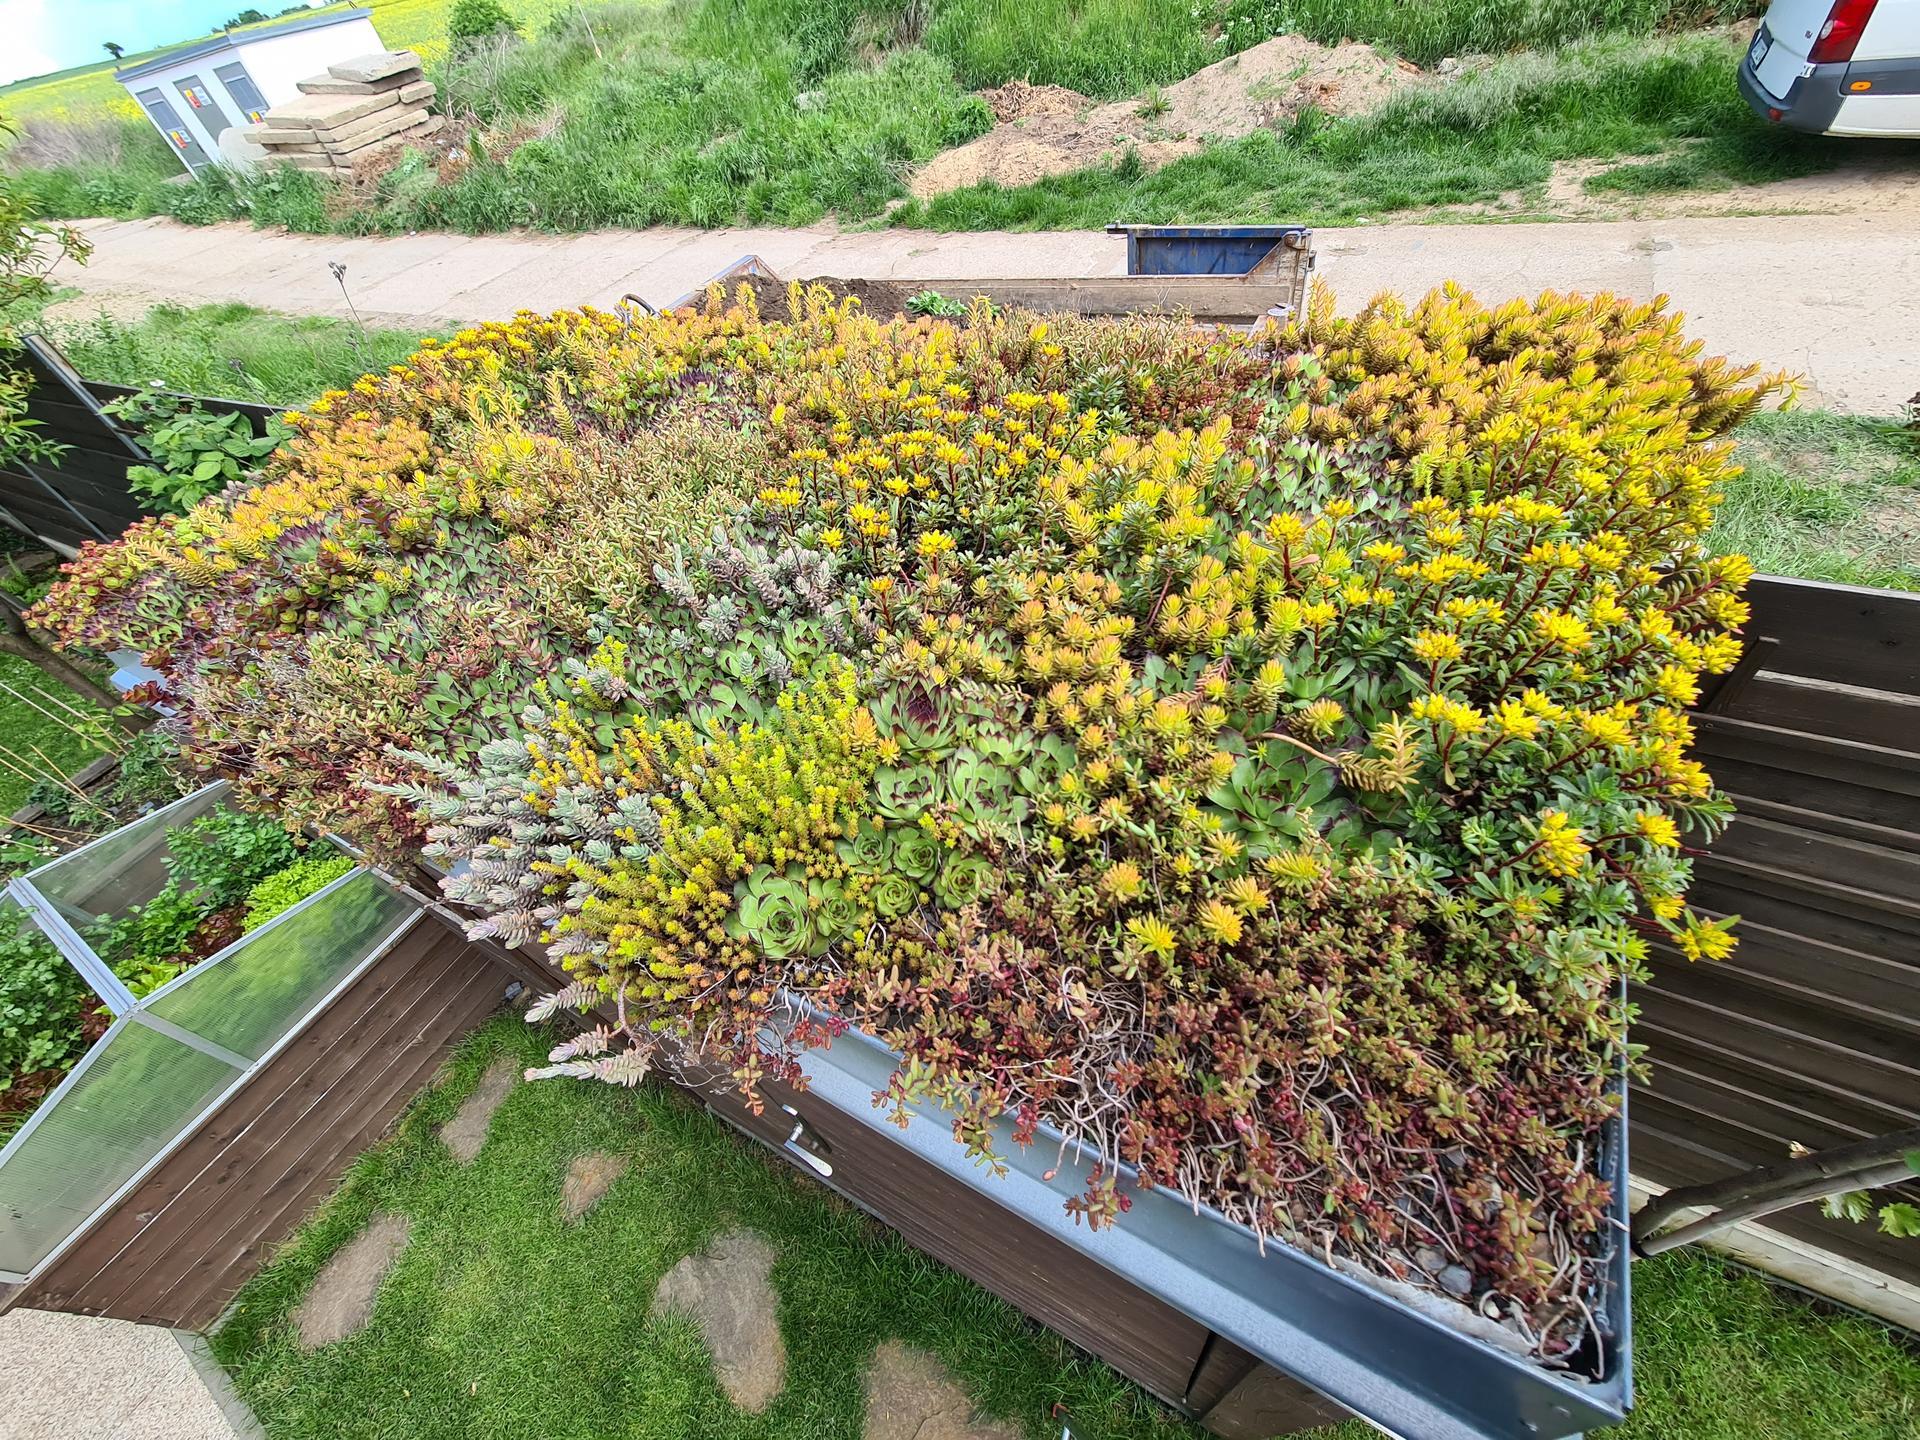 Naša záhradka 2021 - Zelena strecha na zahradnom domceku je uz cela porastena.